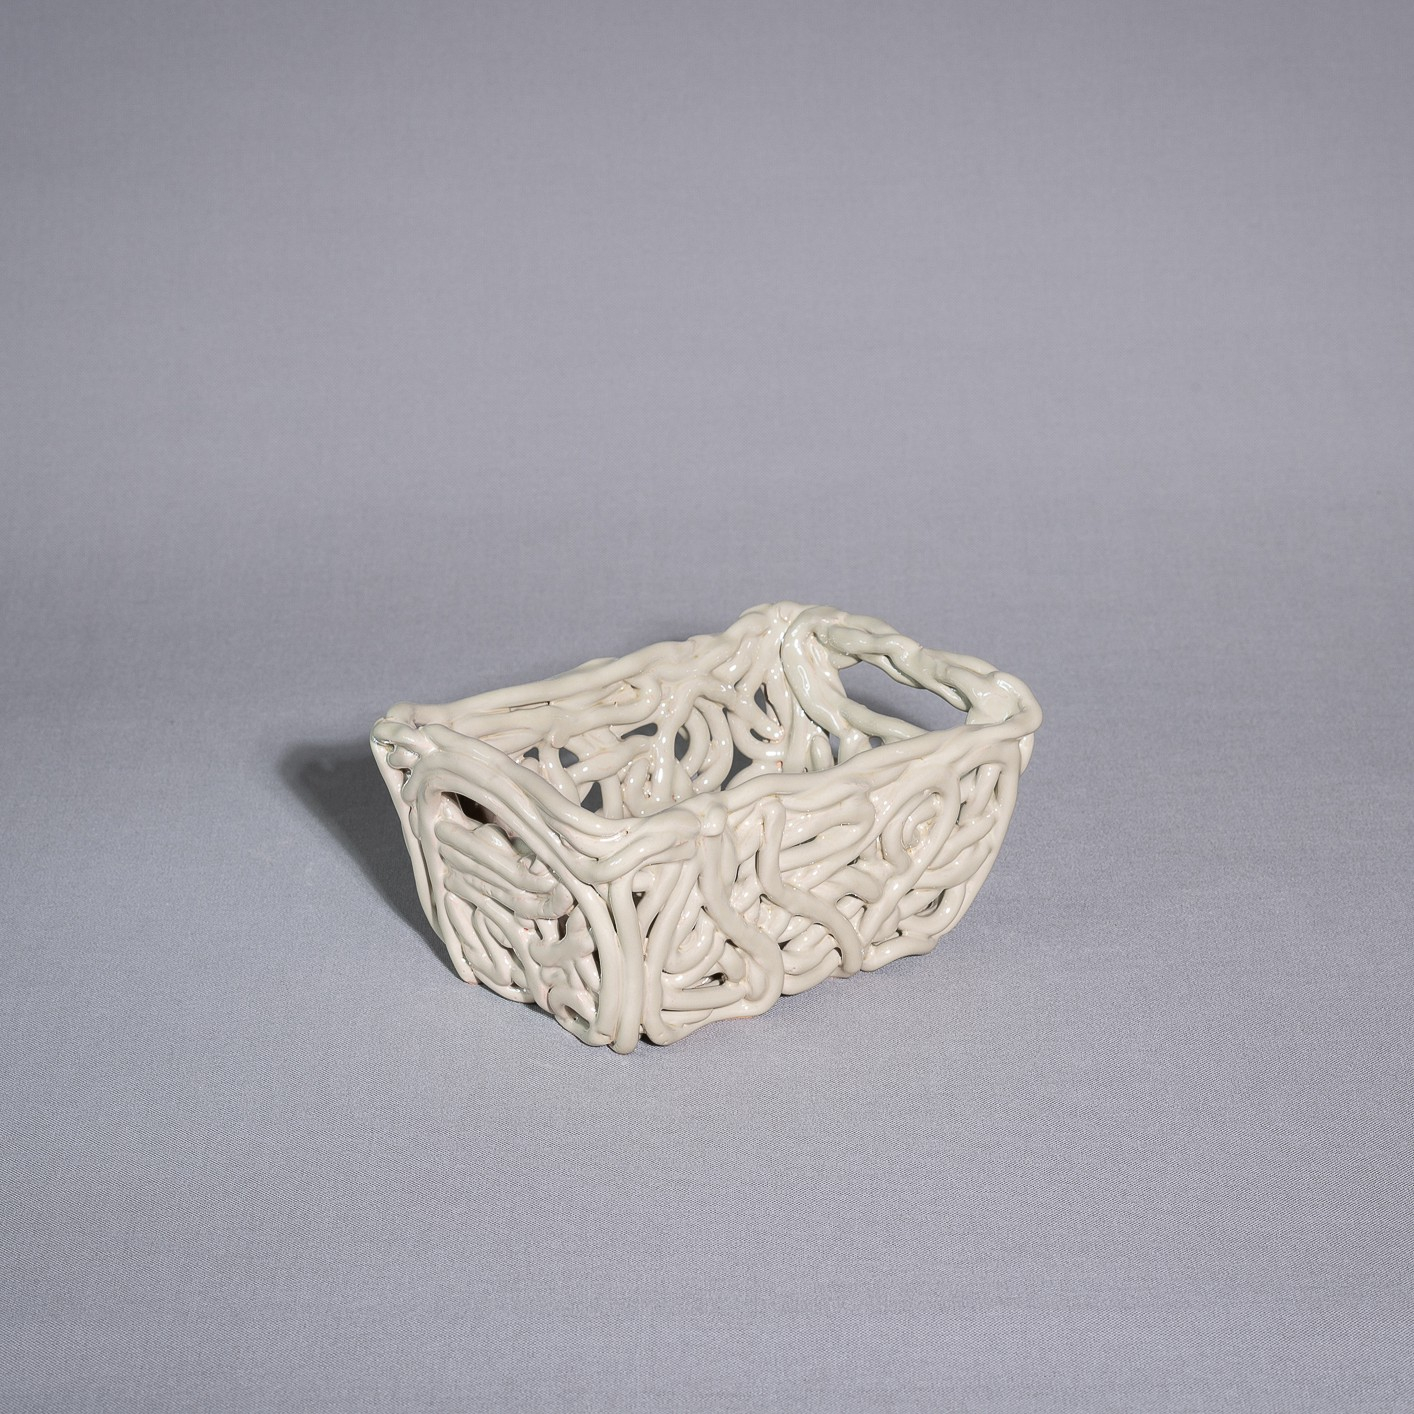 Porta oggetti in maiolica fatto a mano